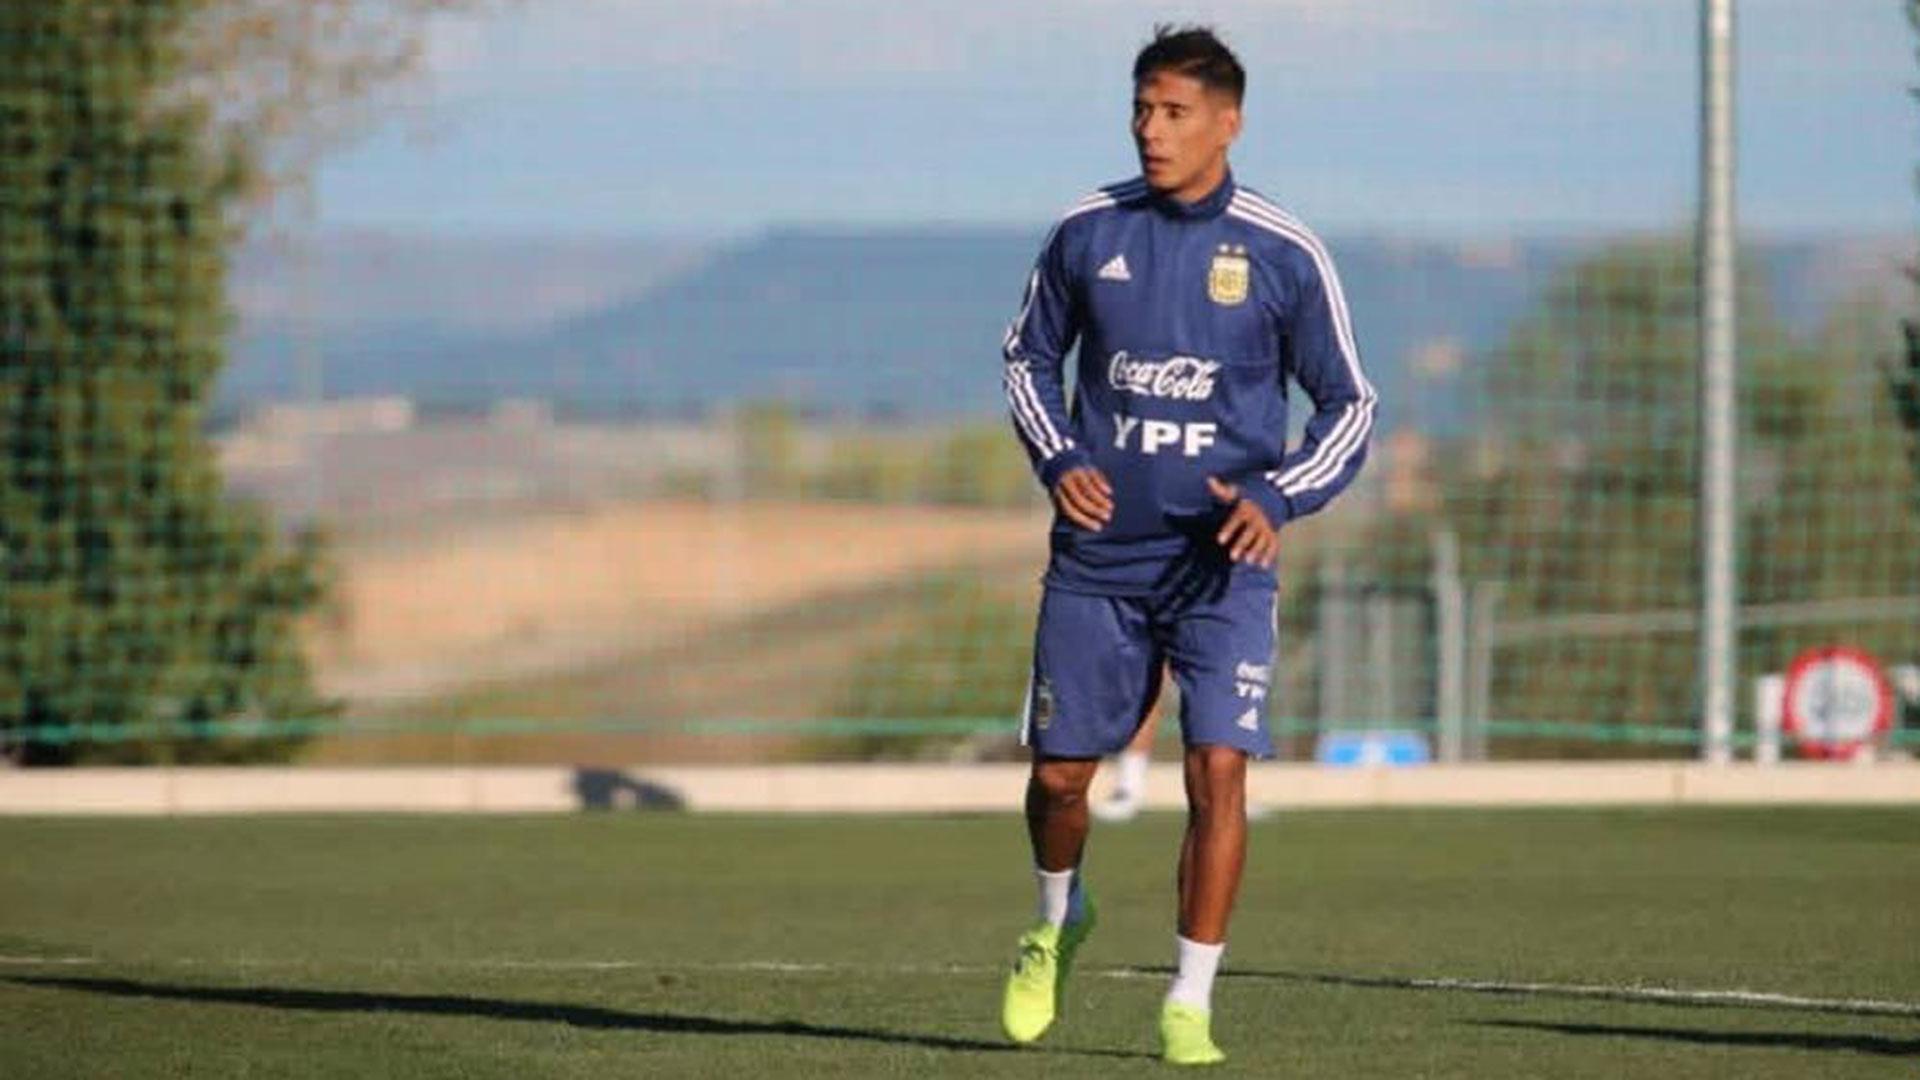 Tras sufrir un desgarro, Zaracho podría quedarse afuera de la lista preliminar (@Argentina)